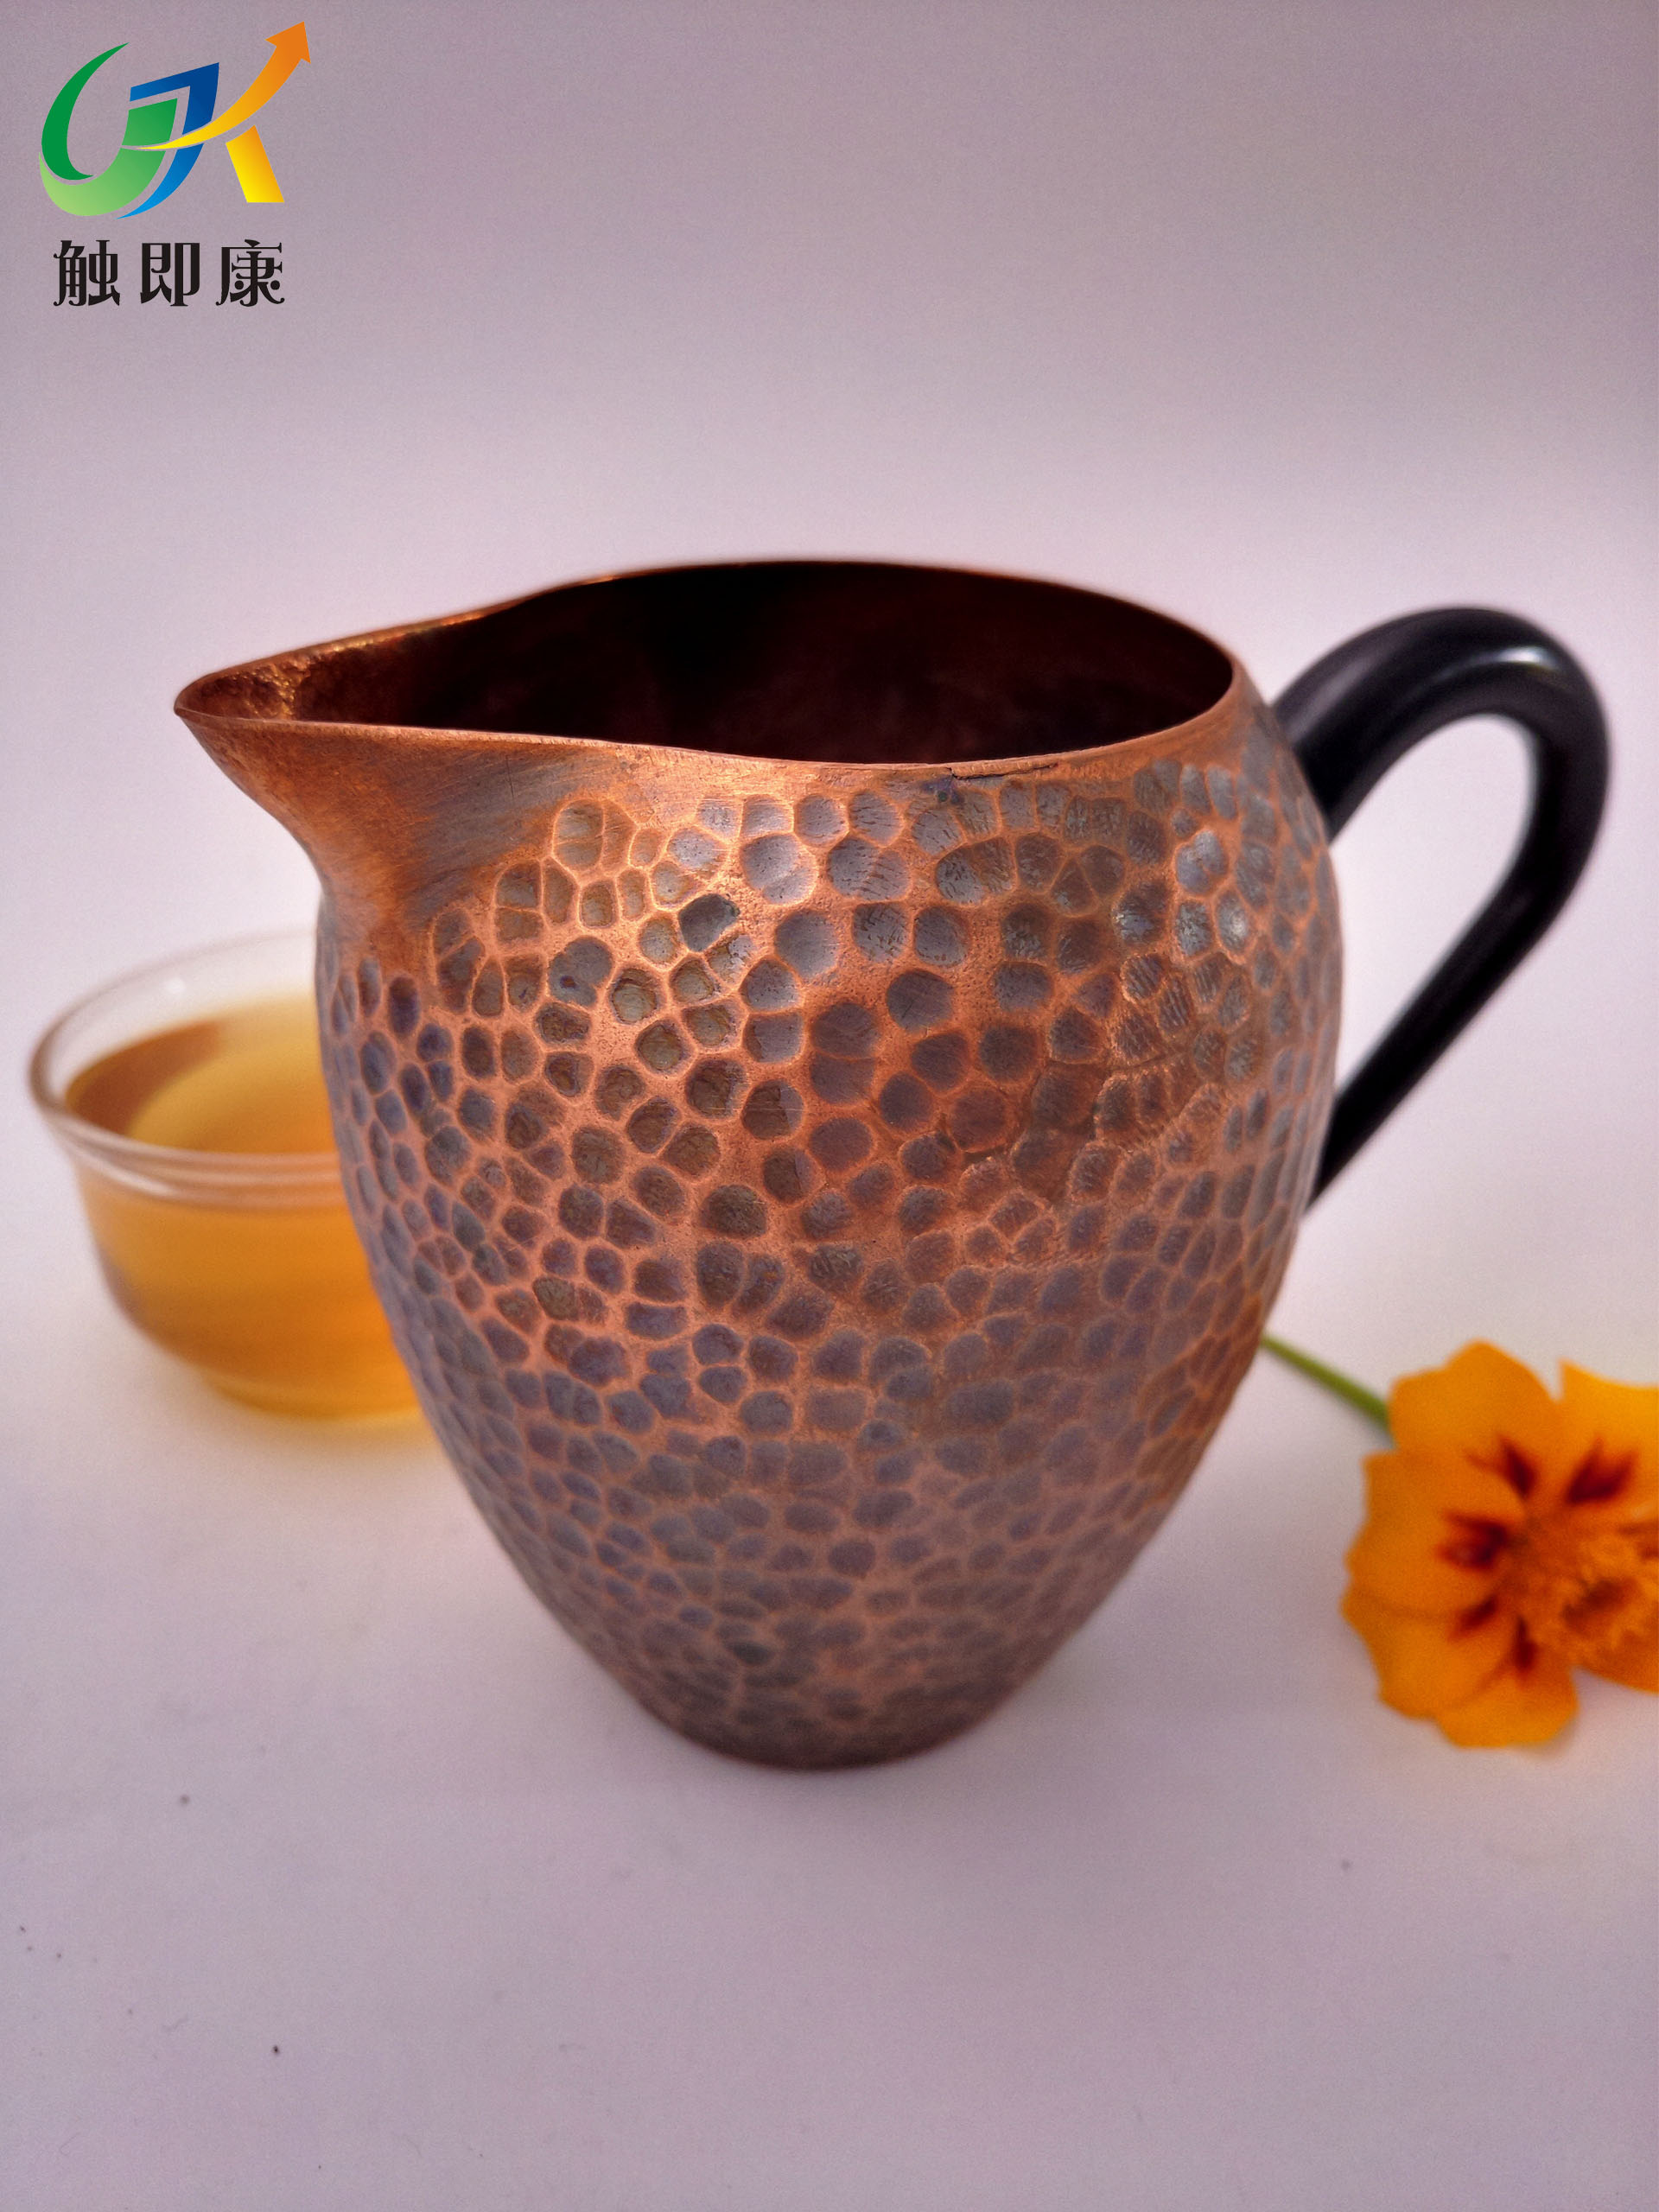 铜壶煮水释放的铜离子对人体健康很有利